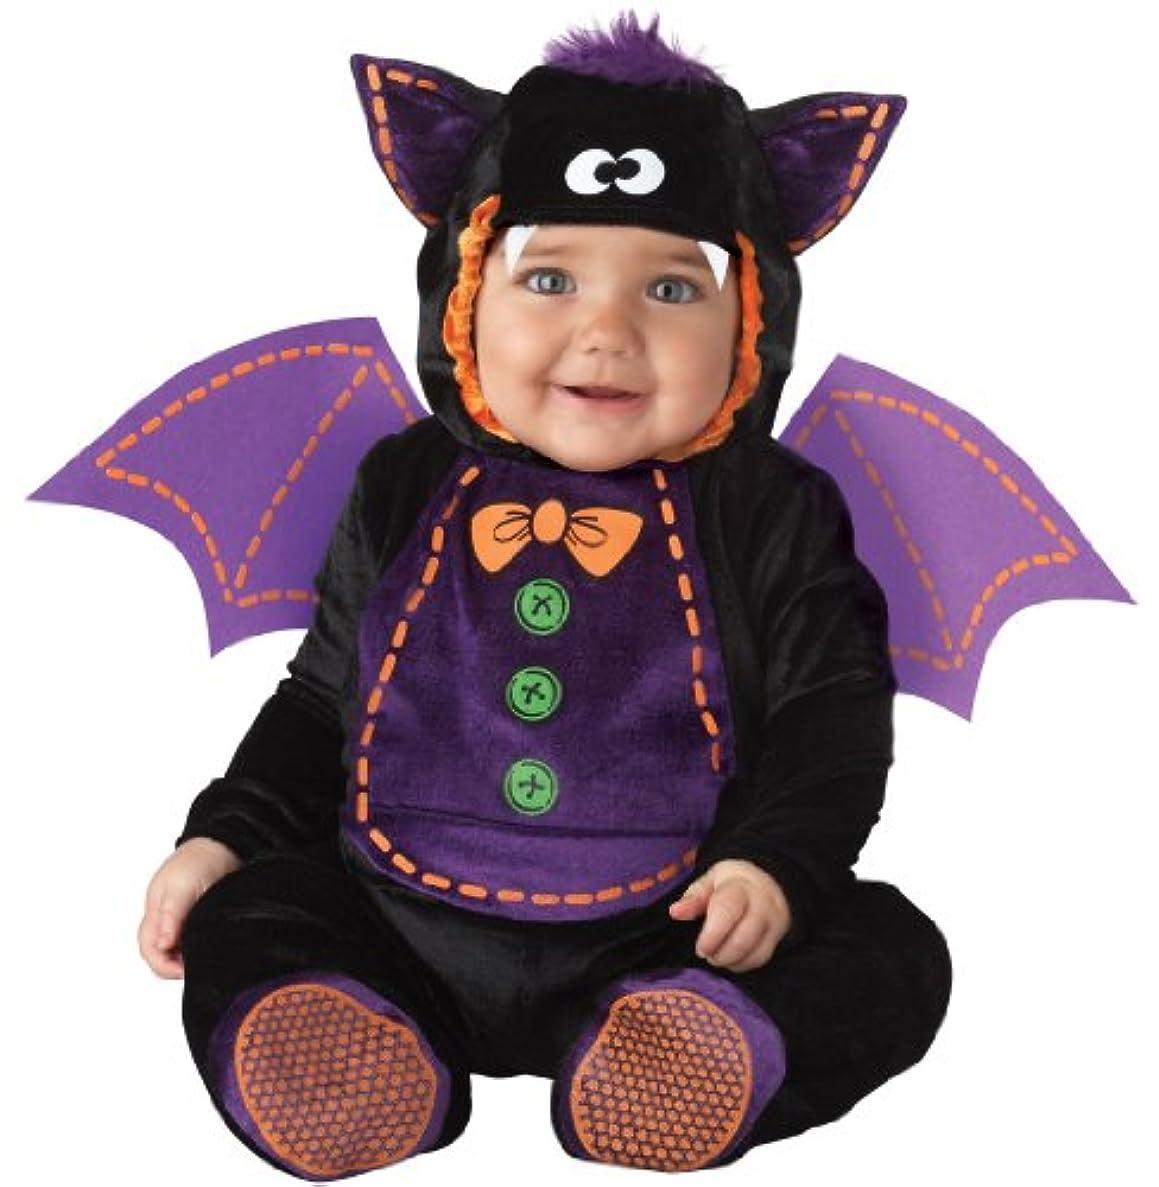 ローブジョグ破滅的なデビル 衣装、コスチューム ベビー用 BABY BAT